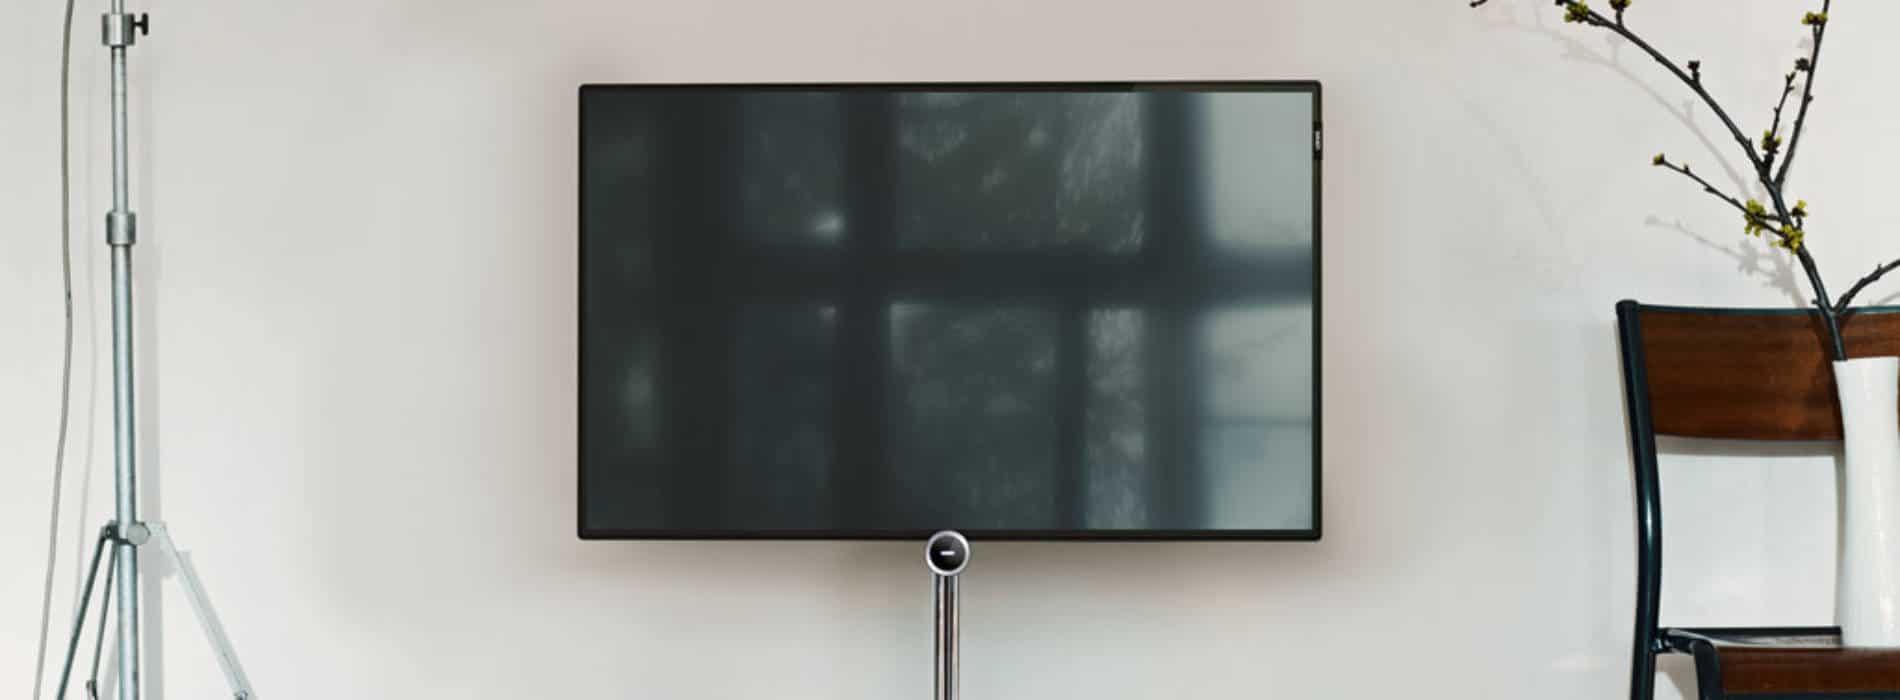 Smart TV Loewe Bild 2